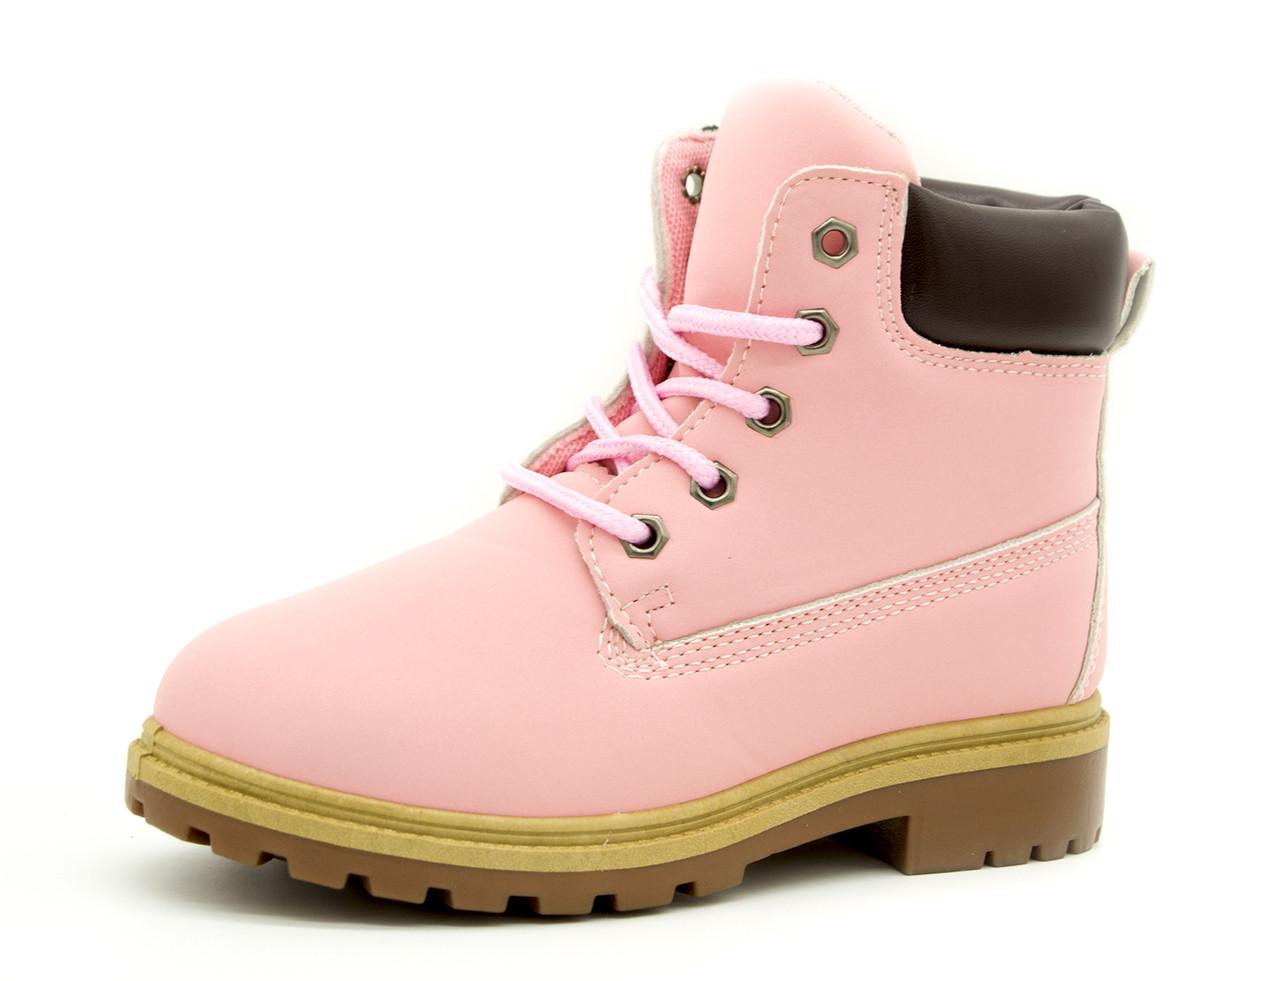 Демисезонные ботинки Для девочек Розовый